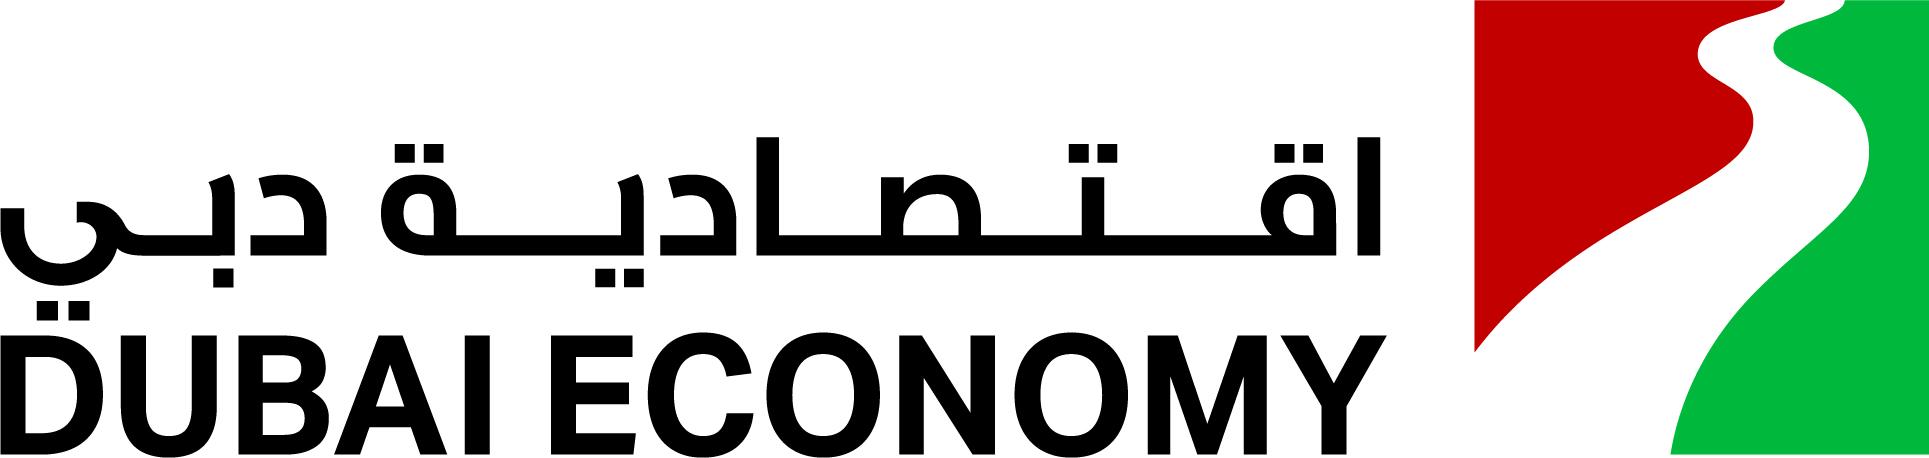 اقتصادية دبي تعلن عن أوقات العمل في مراكز التعهيد خلال إجازة عيد الفطر